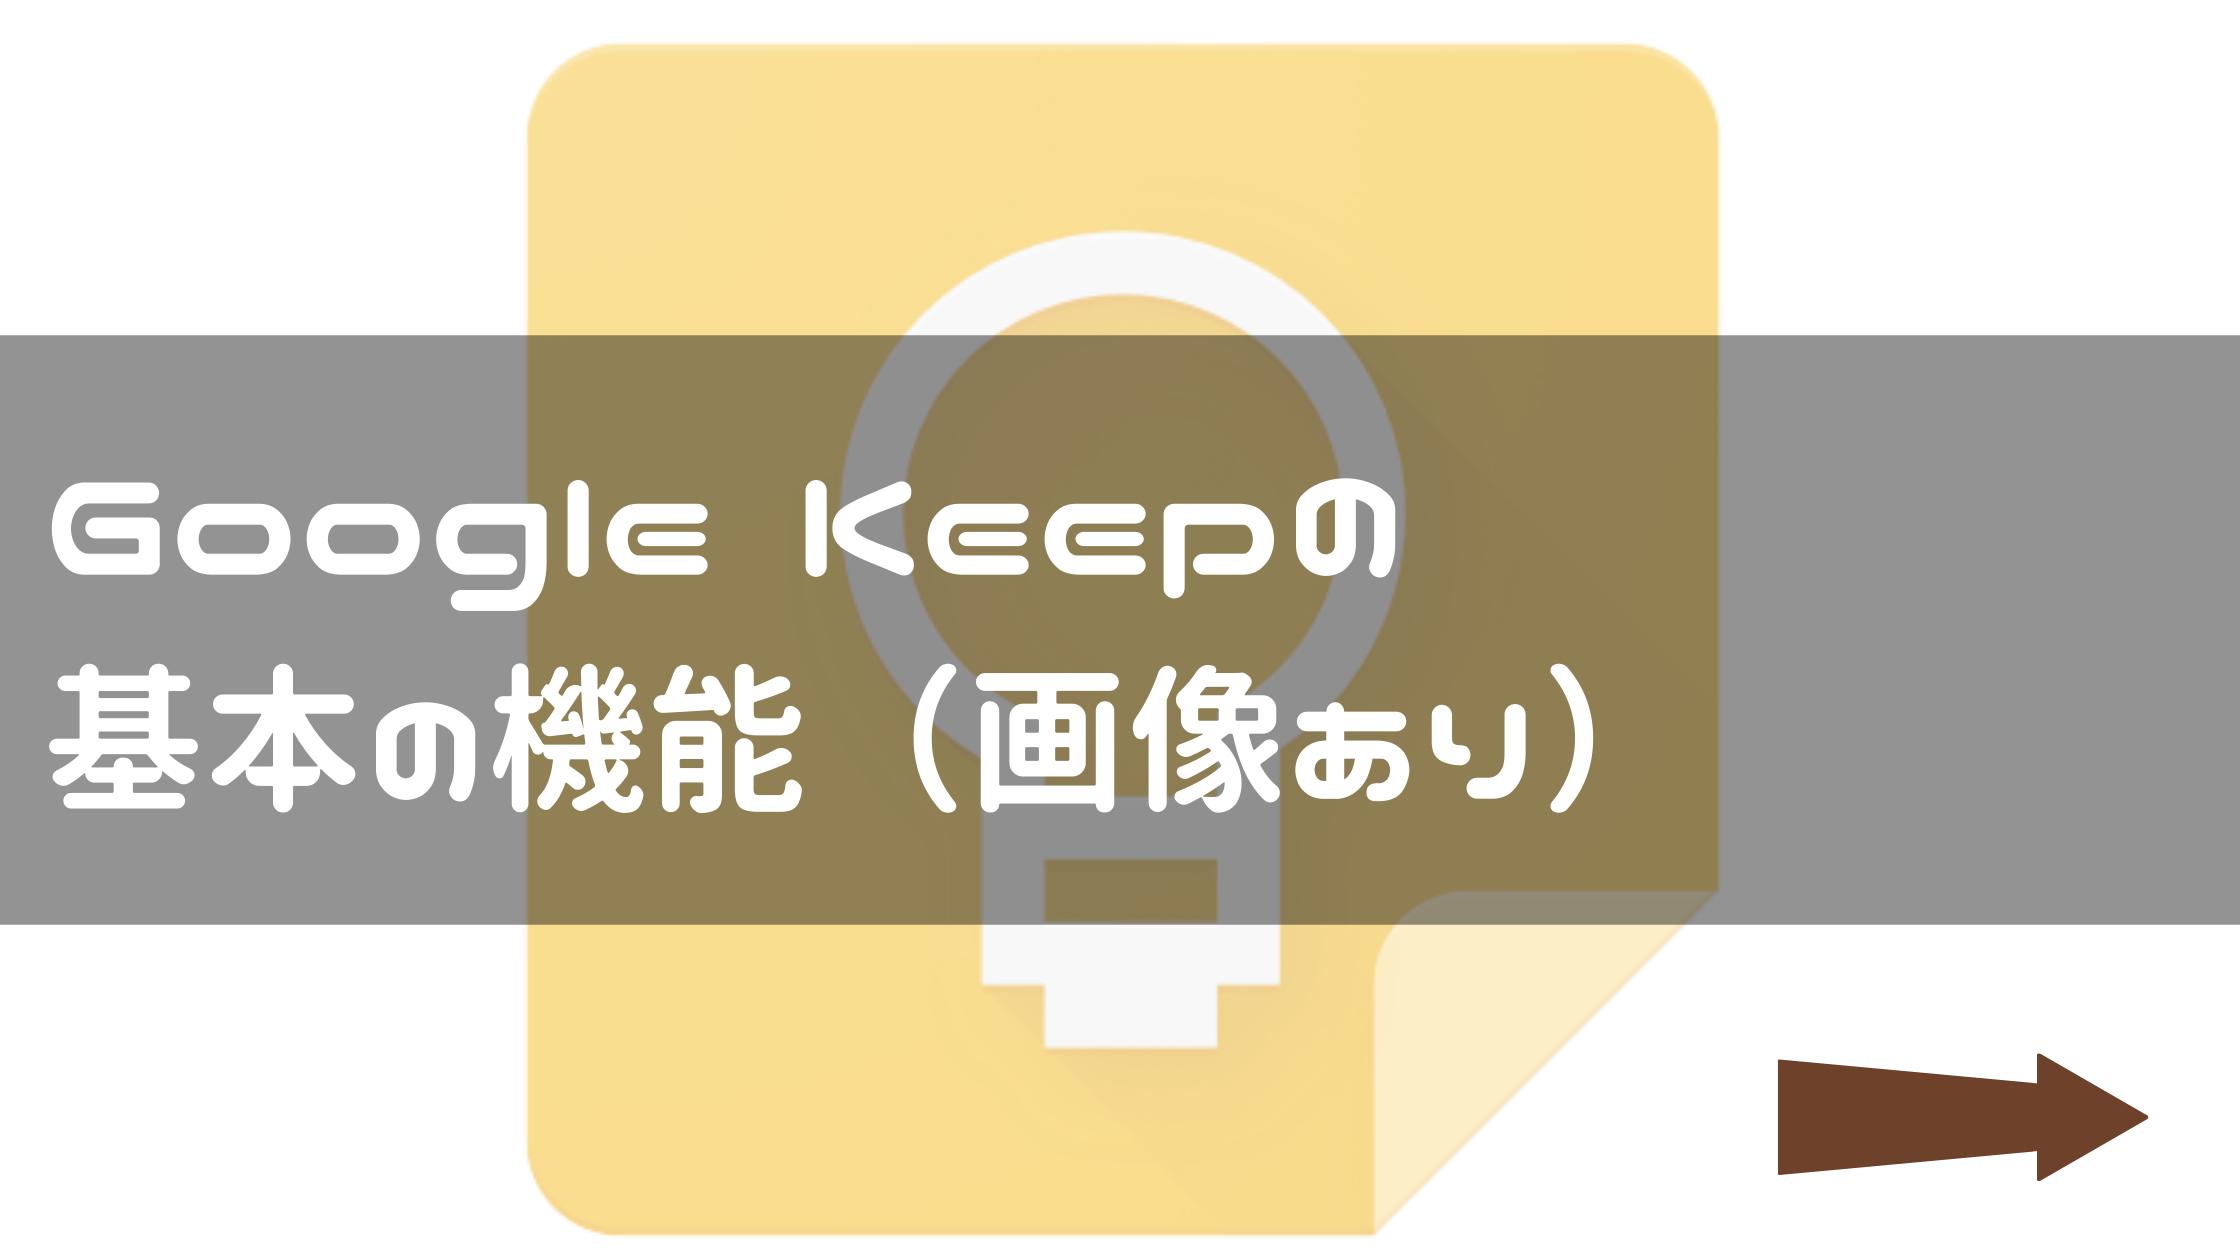 【ブログ初心者】Google Keepの基本の機能ぬるぬる解説【ネタ帳に使える?】